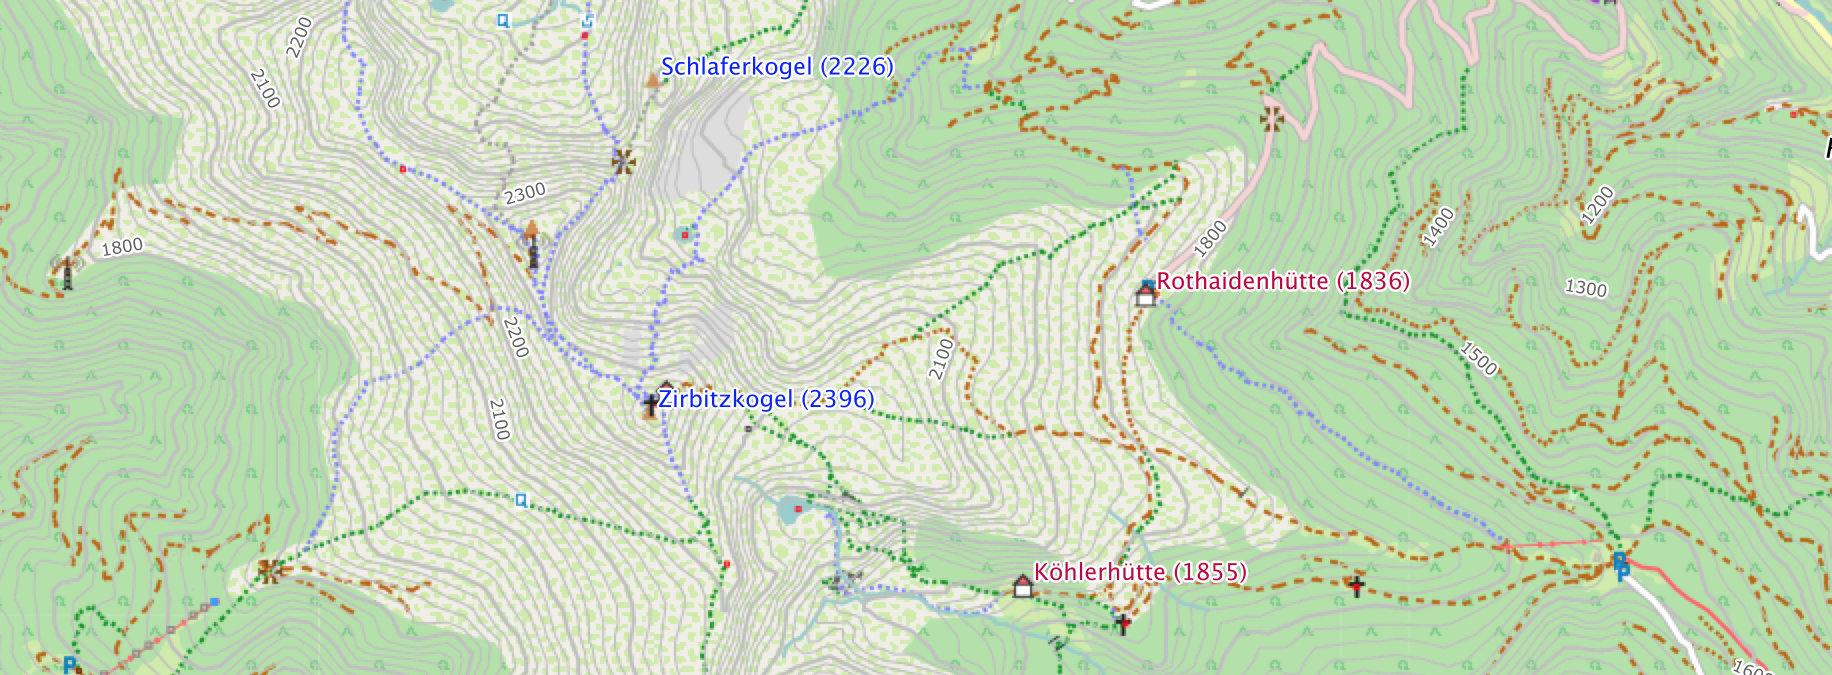 Freizeitkarte - Kartenausschnitt Zirbitzkogel